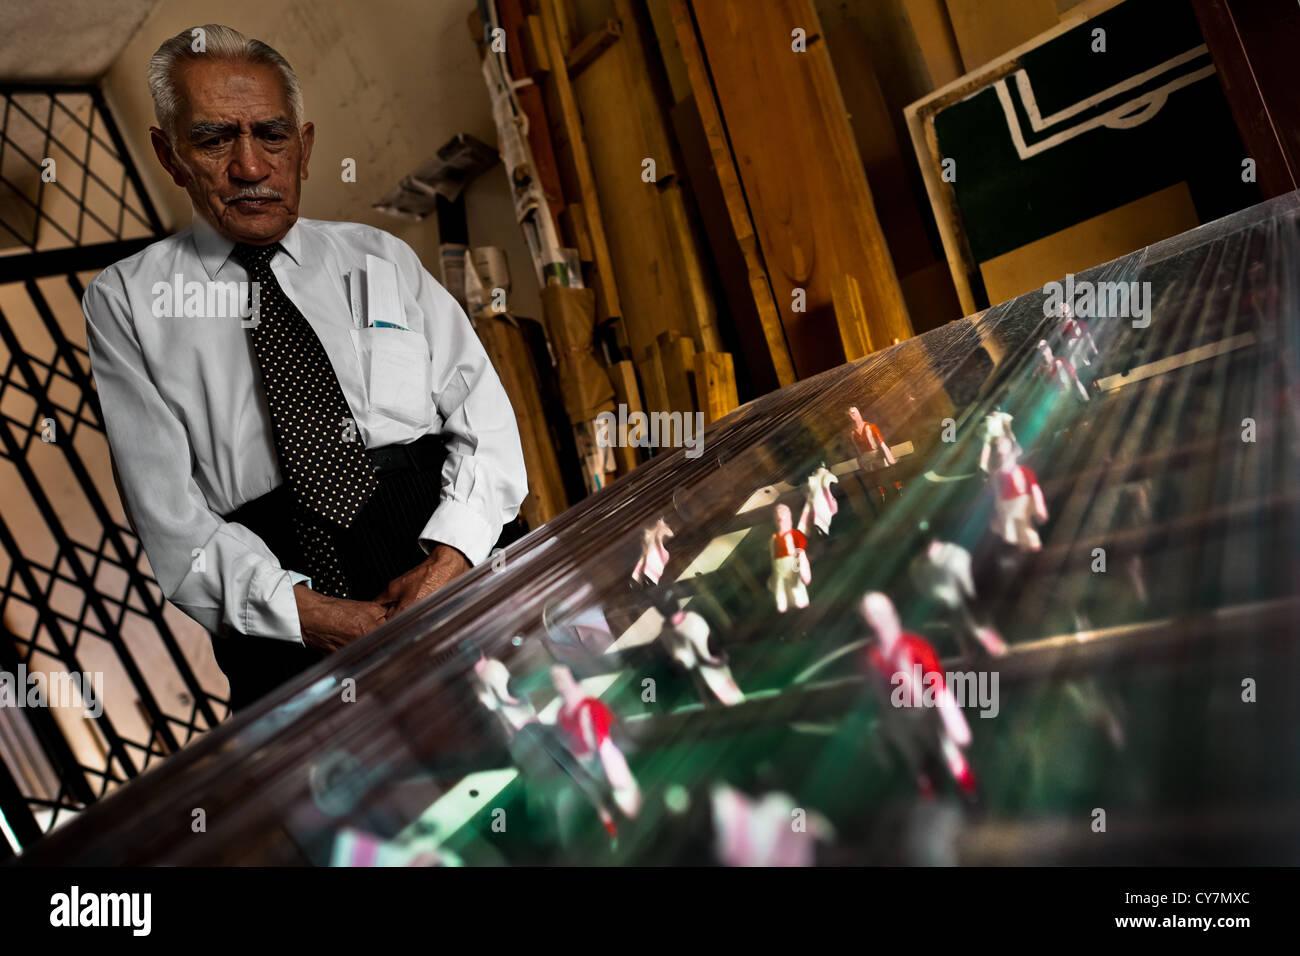 Efraín Cepeda, propietario de un taller de fútbol de mesa, posa para una fotografía con el acabado Imagen De Stock